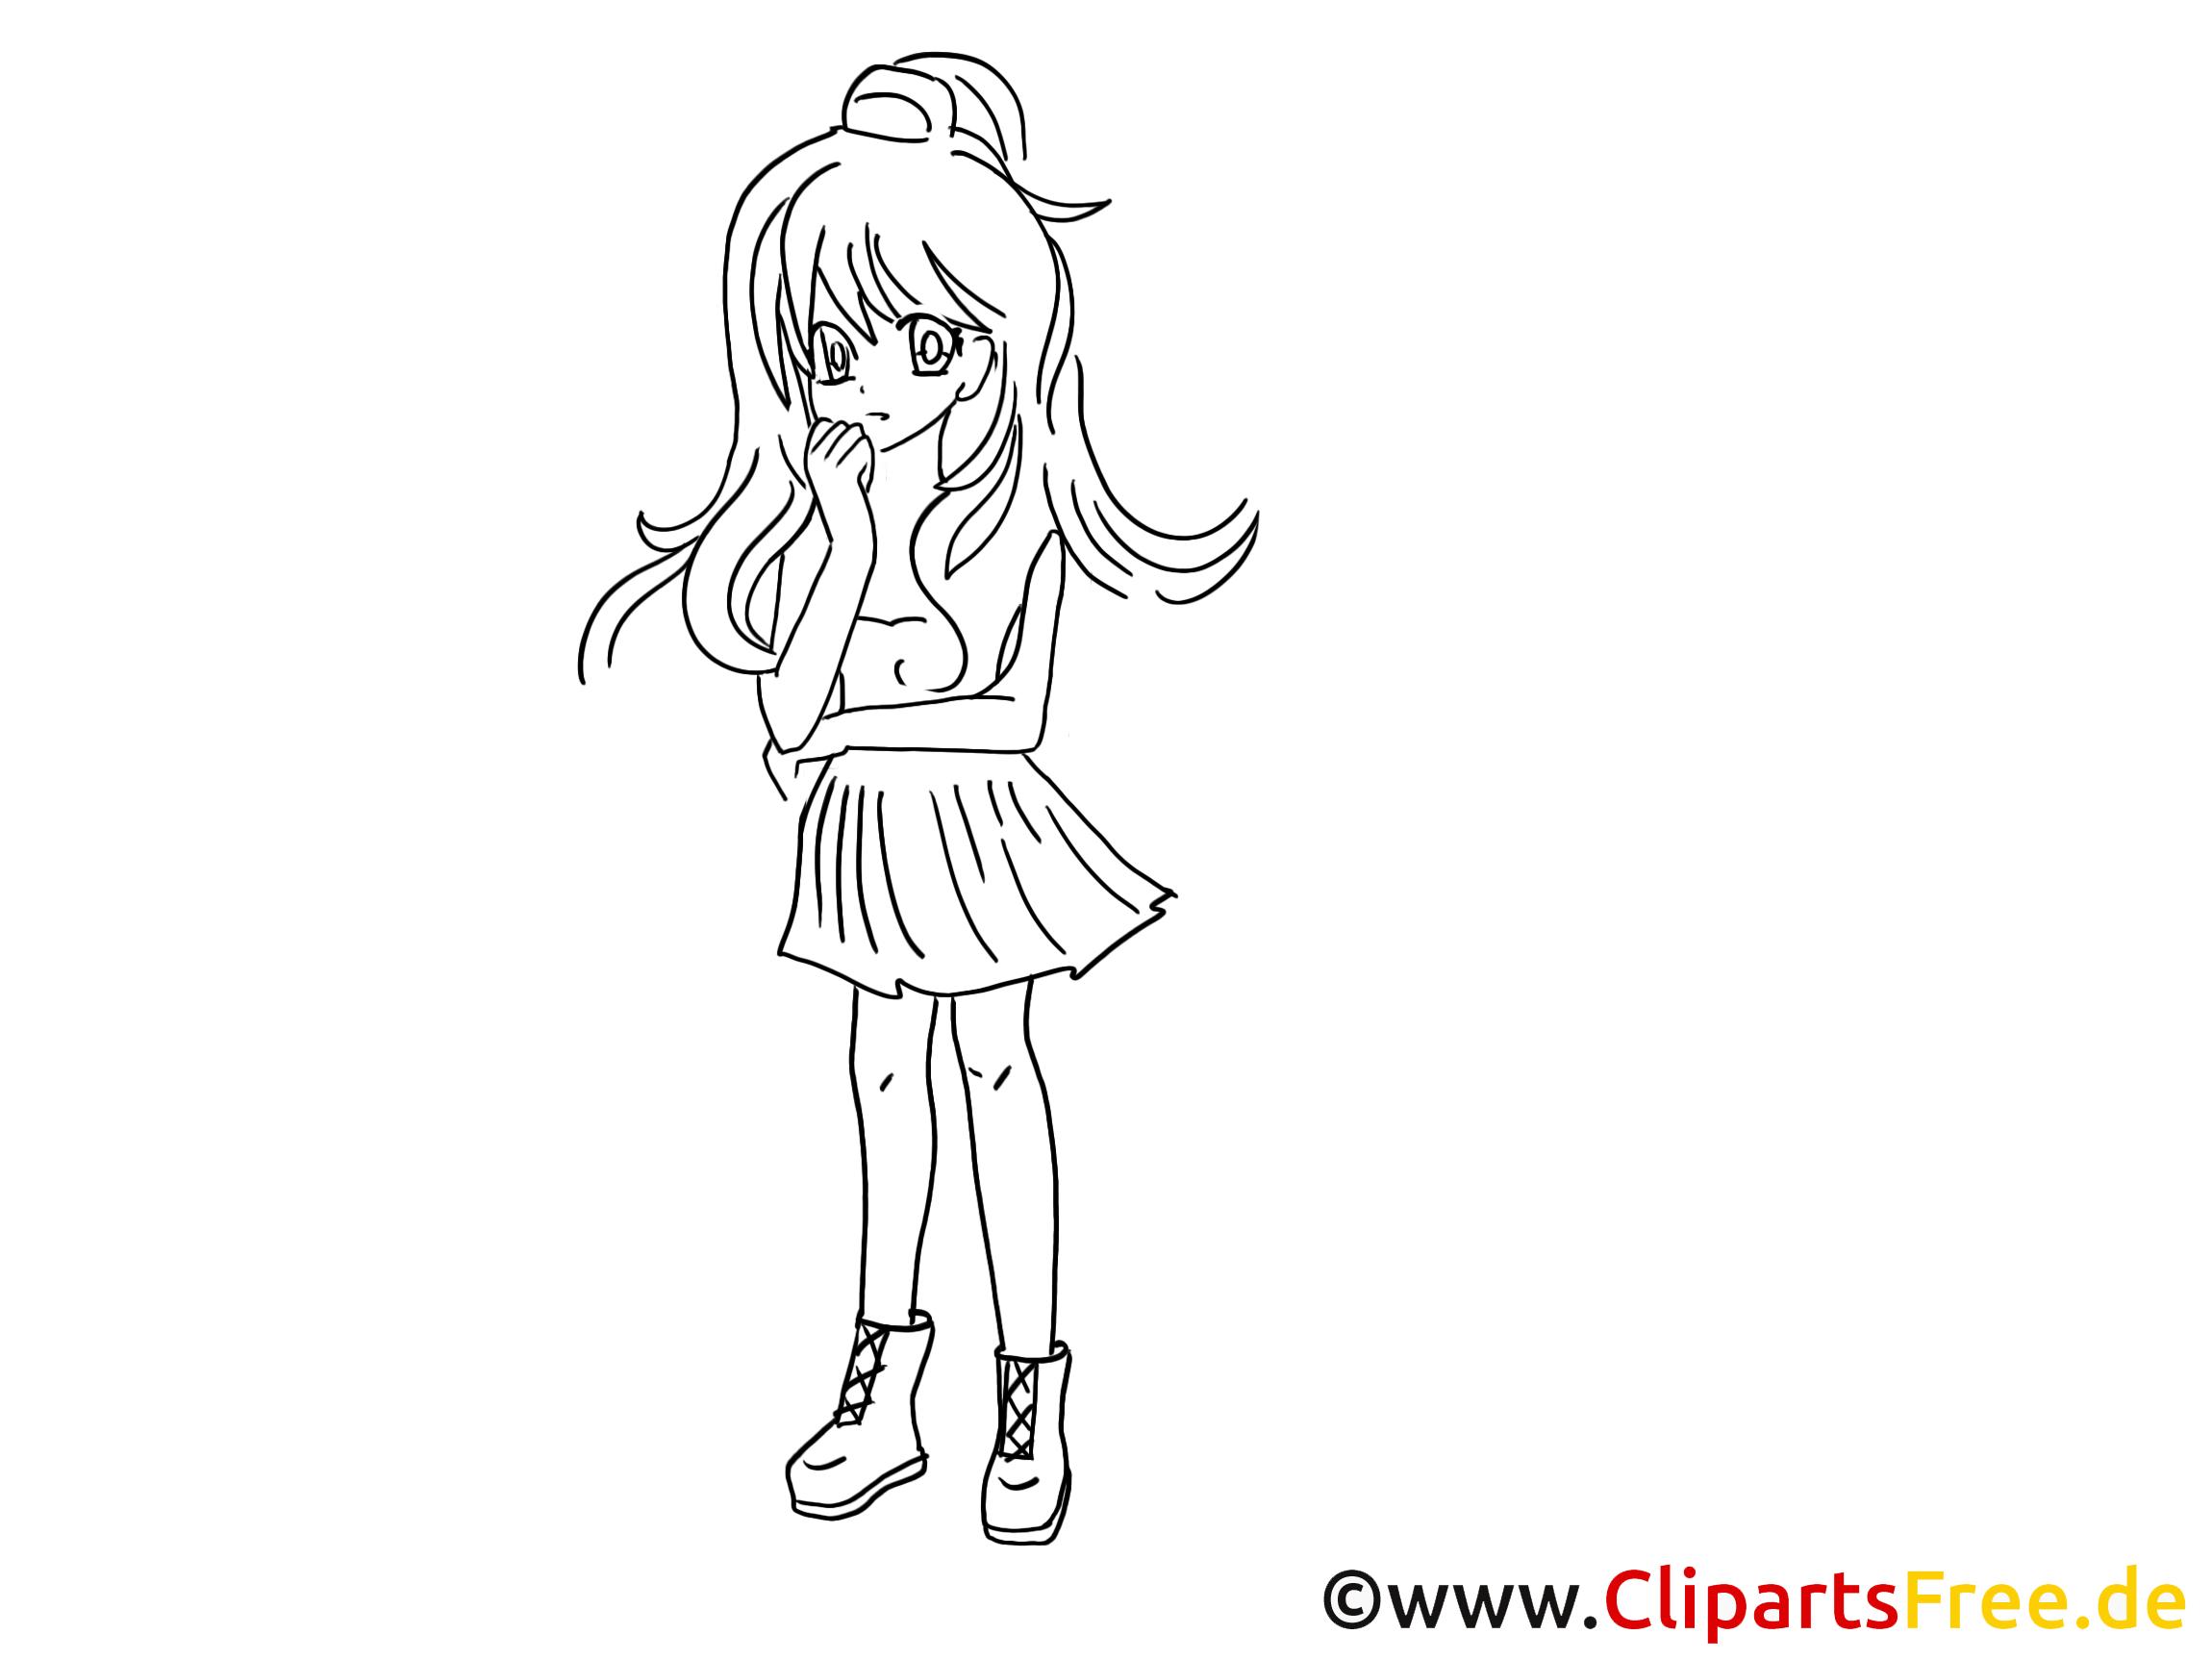 Anime Zum Ausmalen, Malvorlage, Ausmalbild Gratis mit Anime Bilder Zum Ausmalen